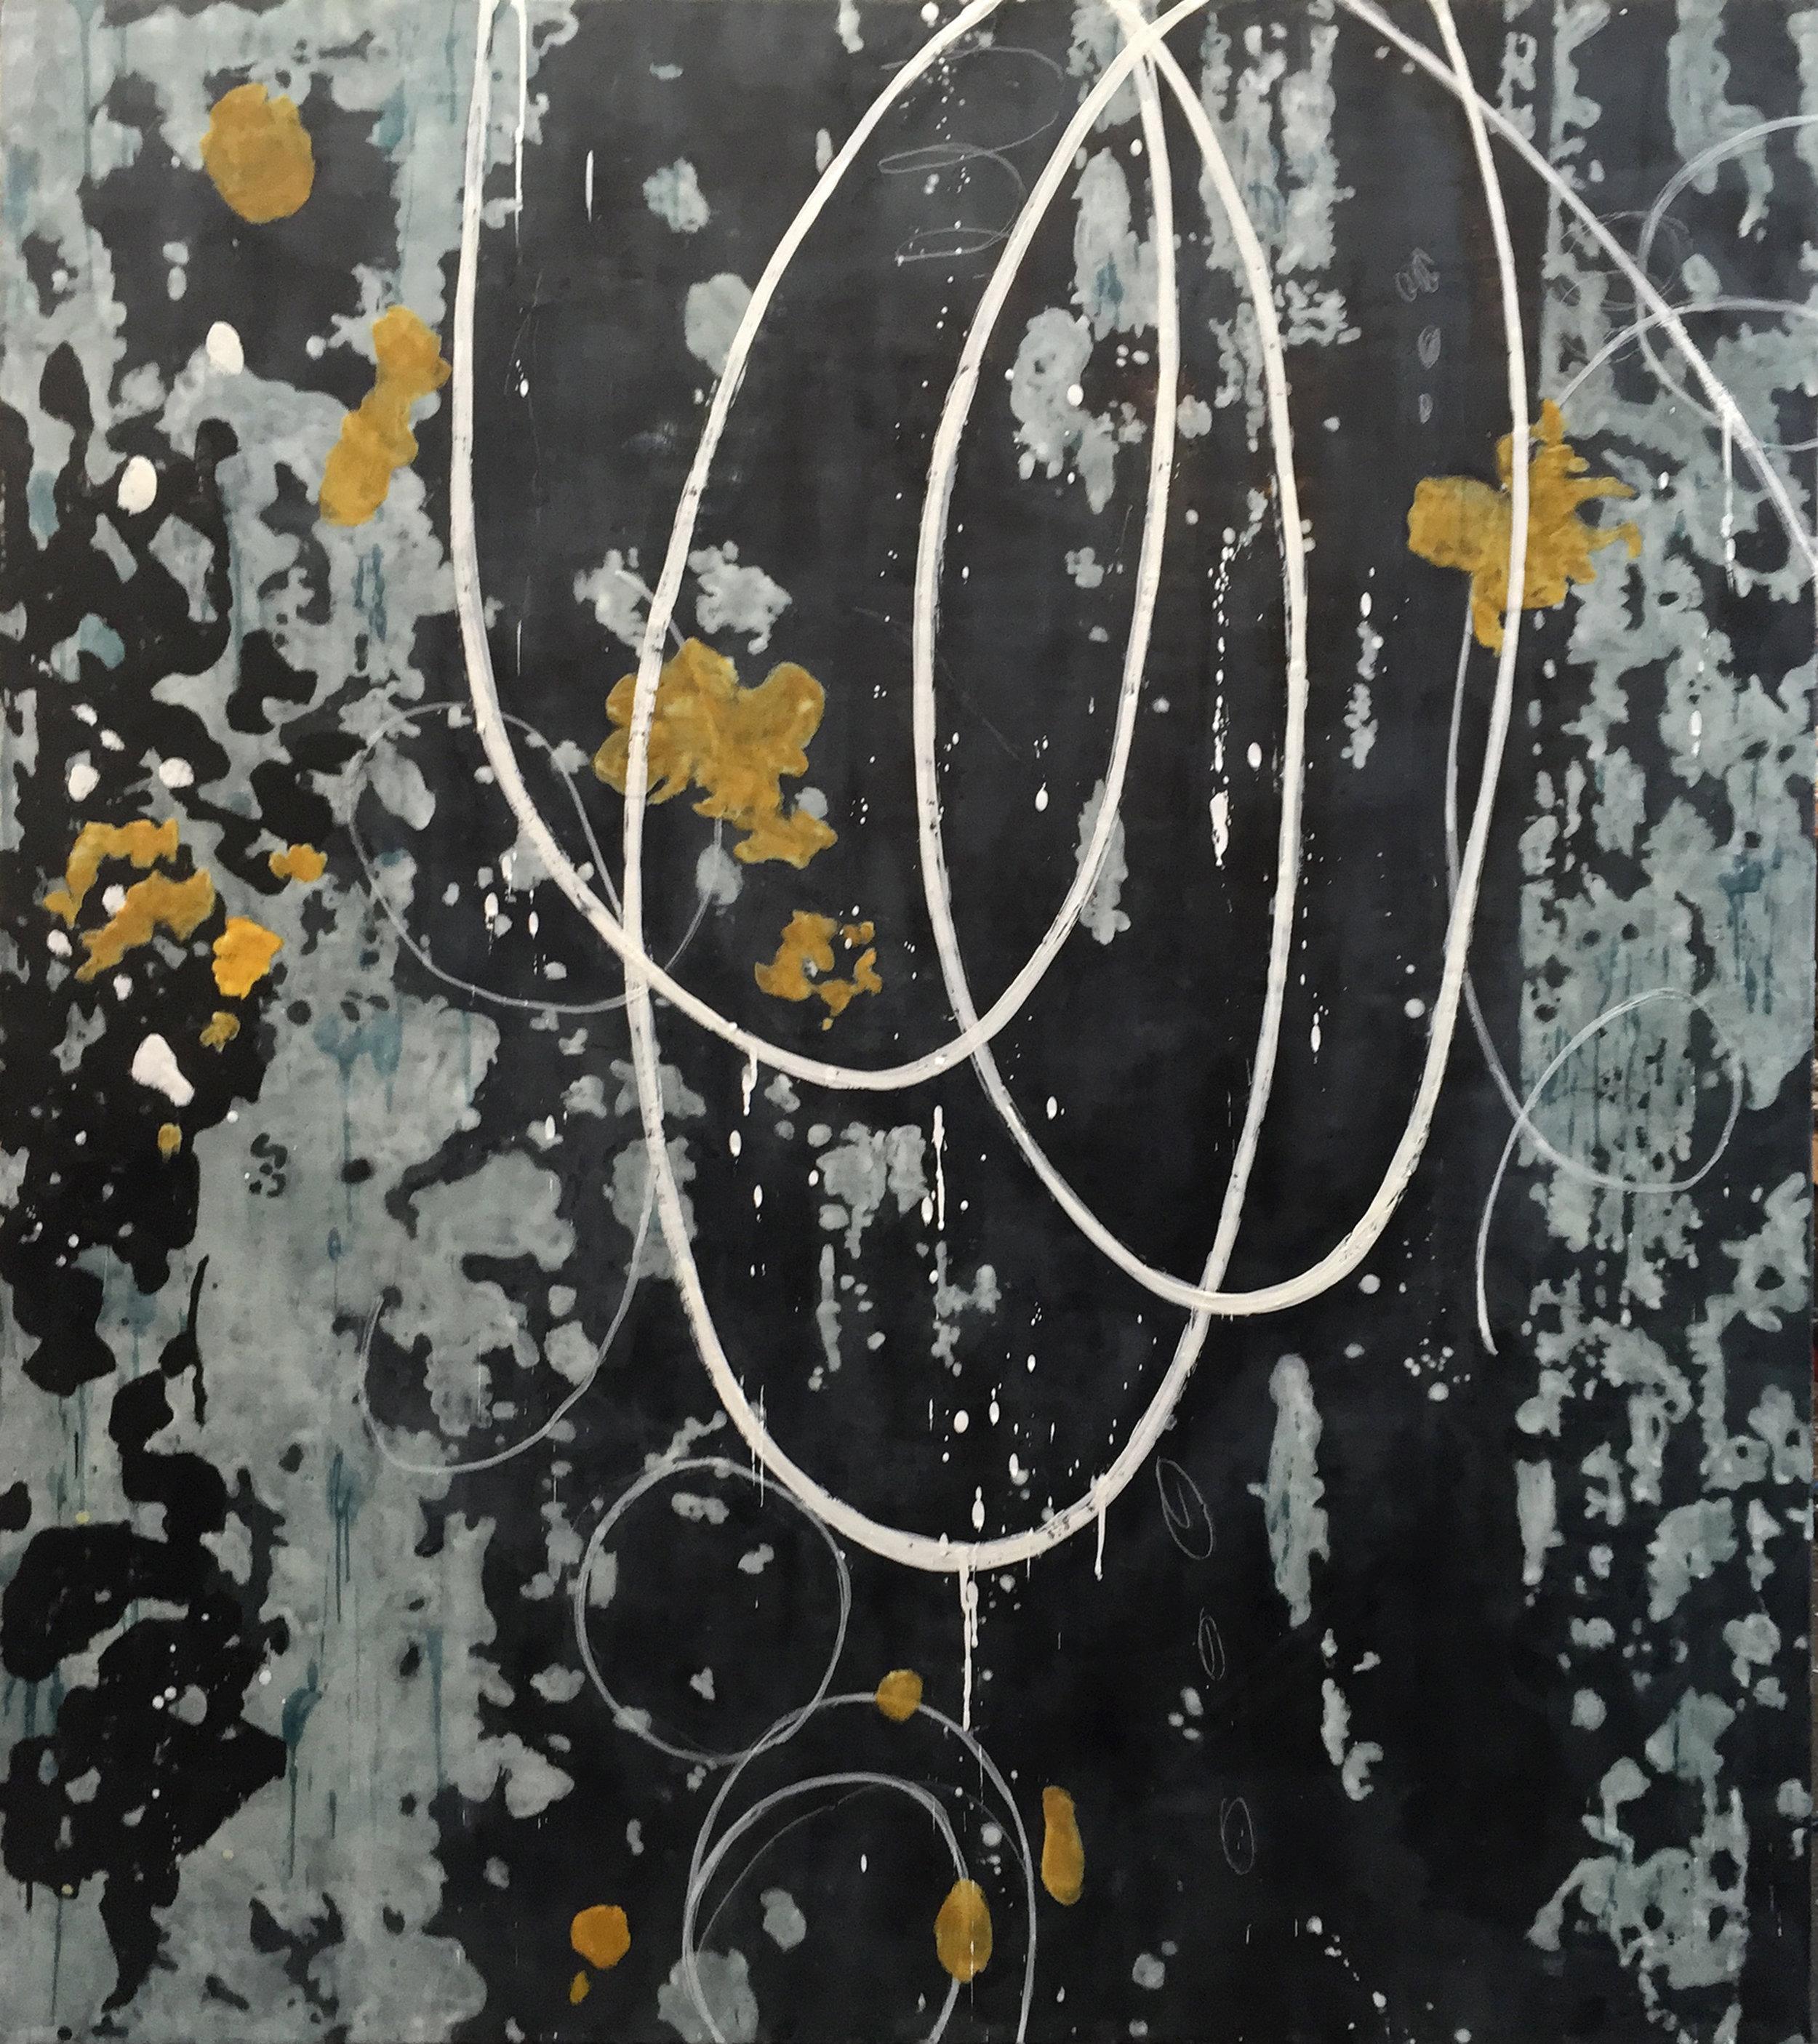 Untitled AA122 54x48 encaustic on panel